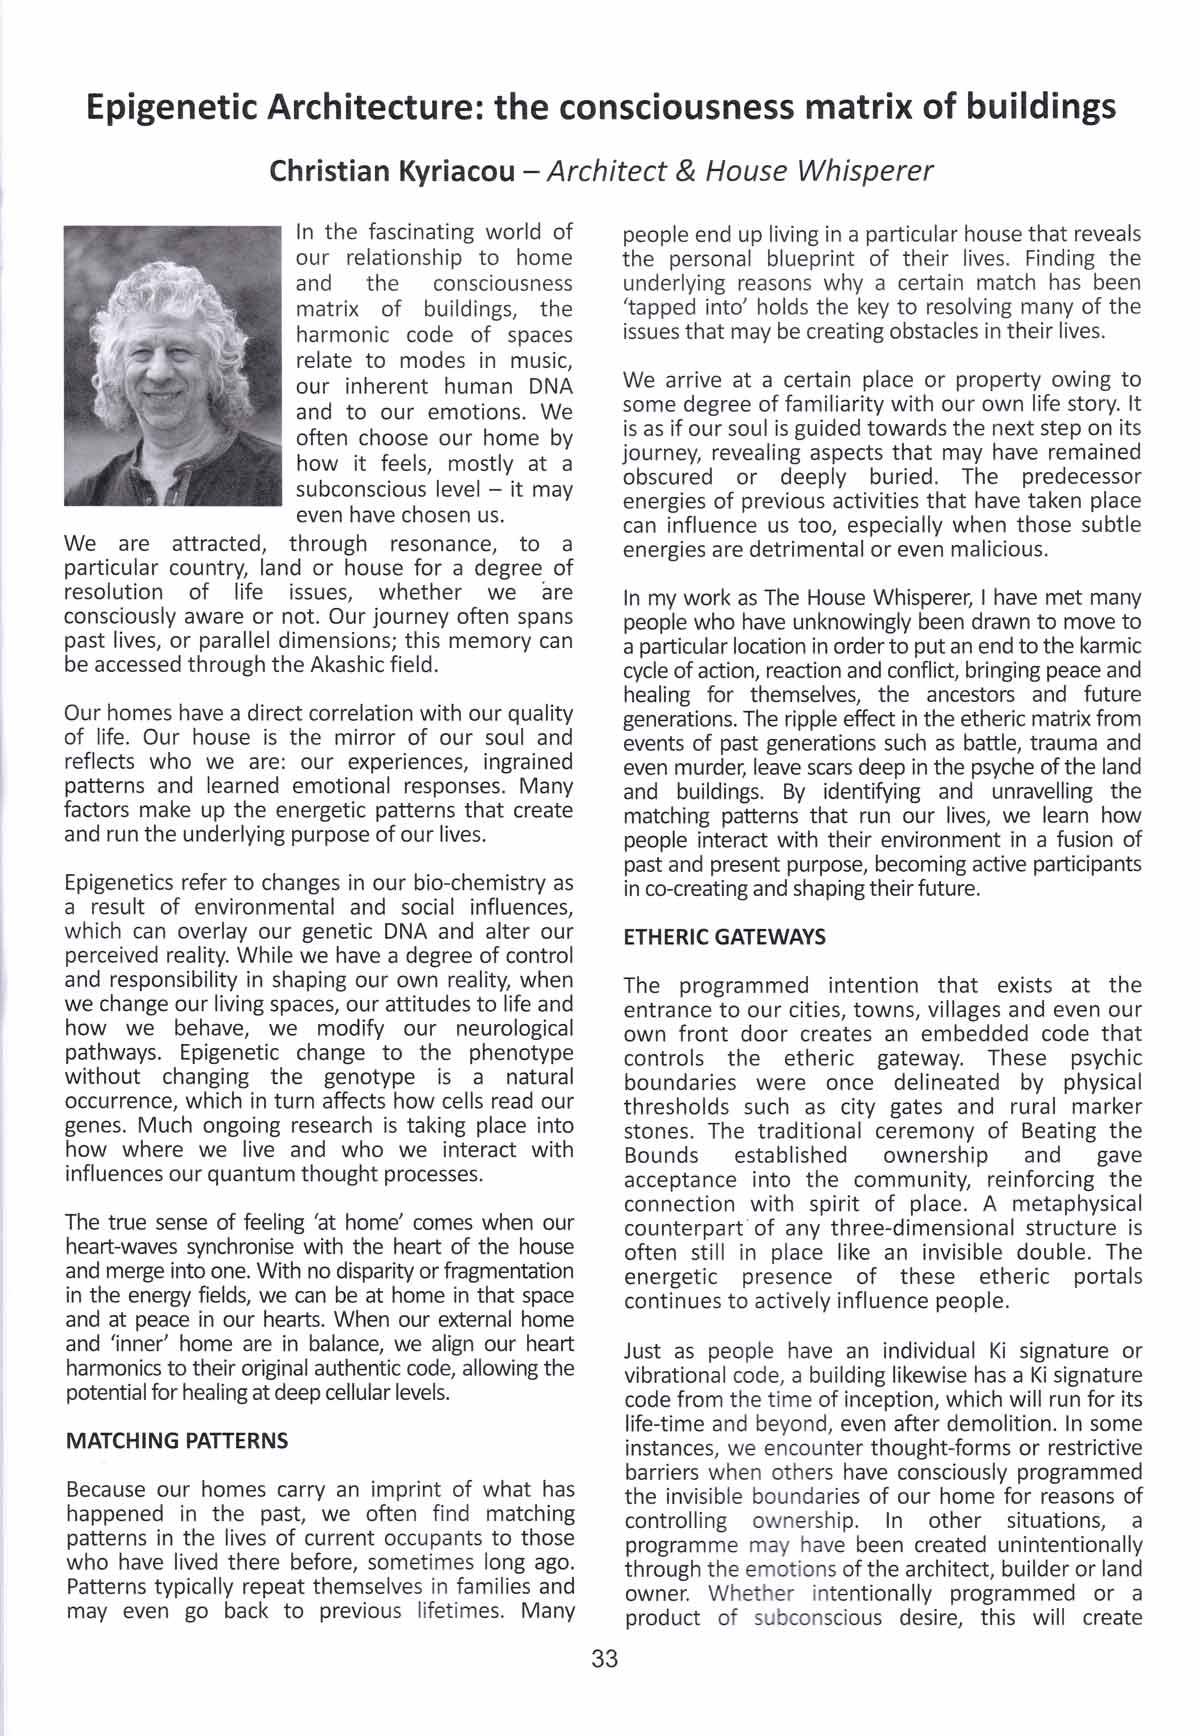 Epigenetic Architecture Page 1